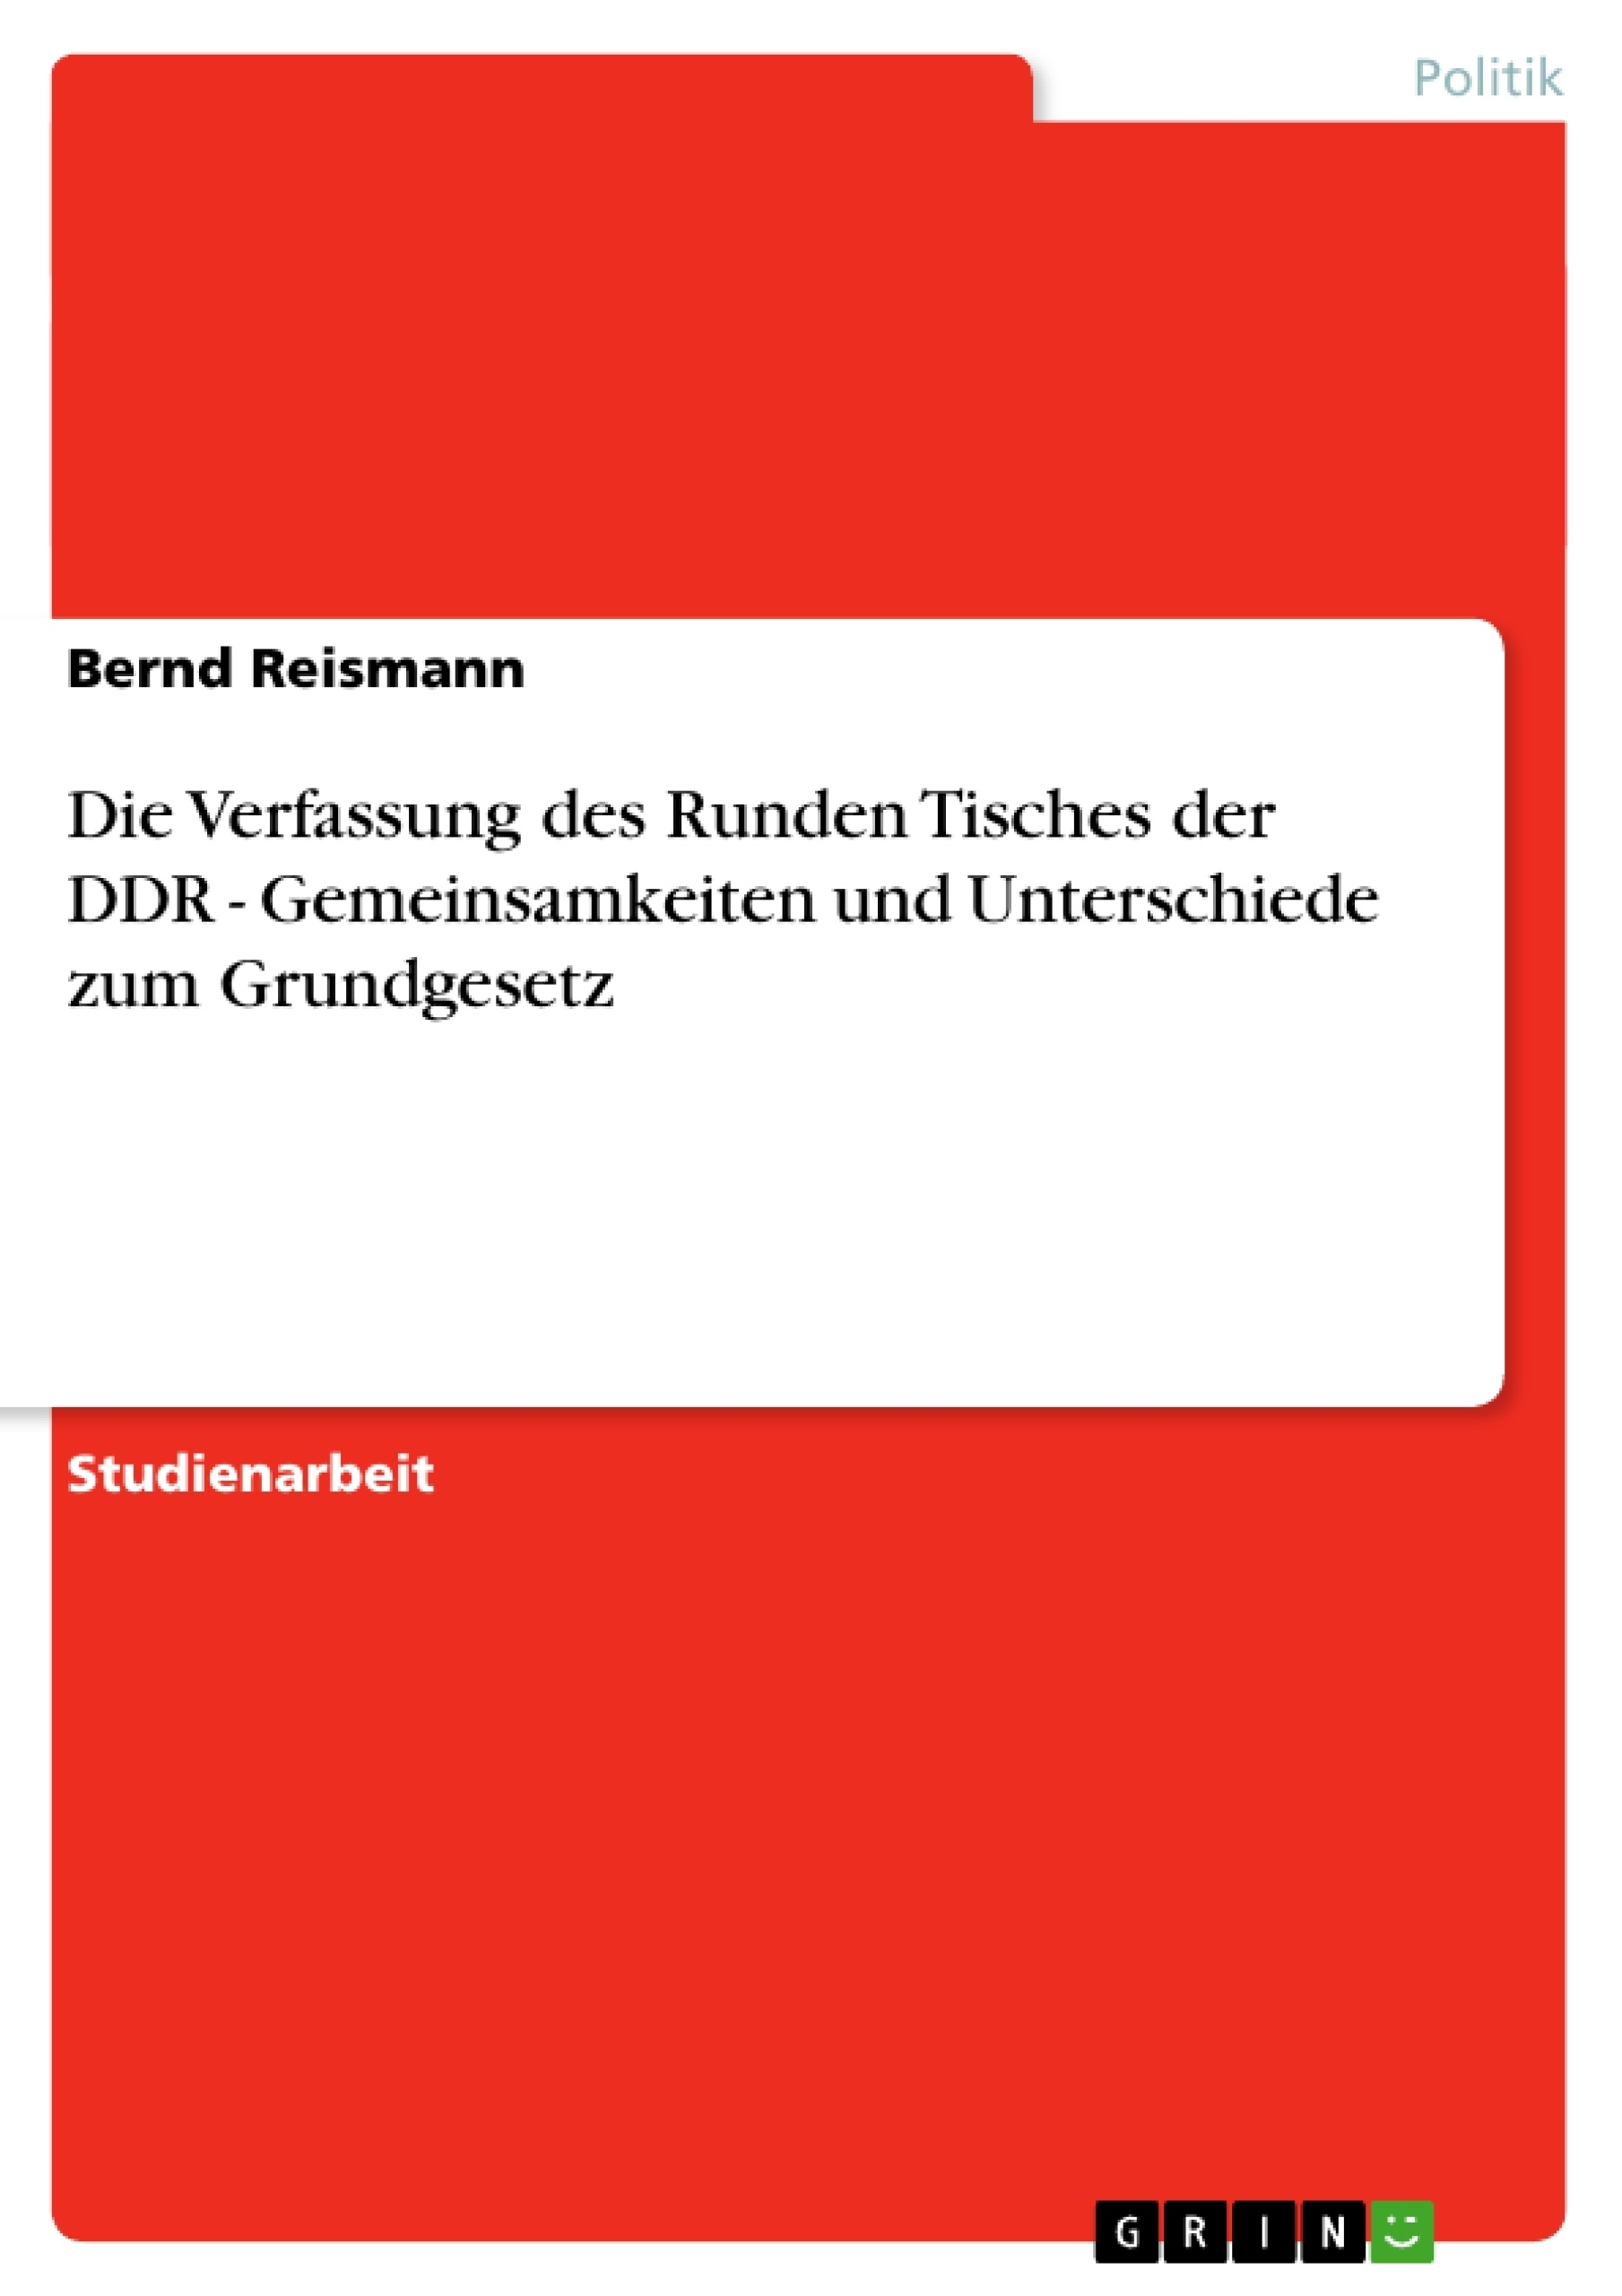 Titel: Die Verfassung des Runden Tisches der DDR - Gemeinsamkeiten und Unterschiede zum Grundgesetz